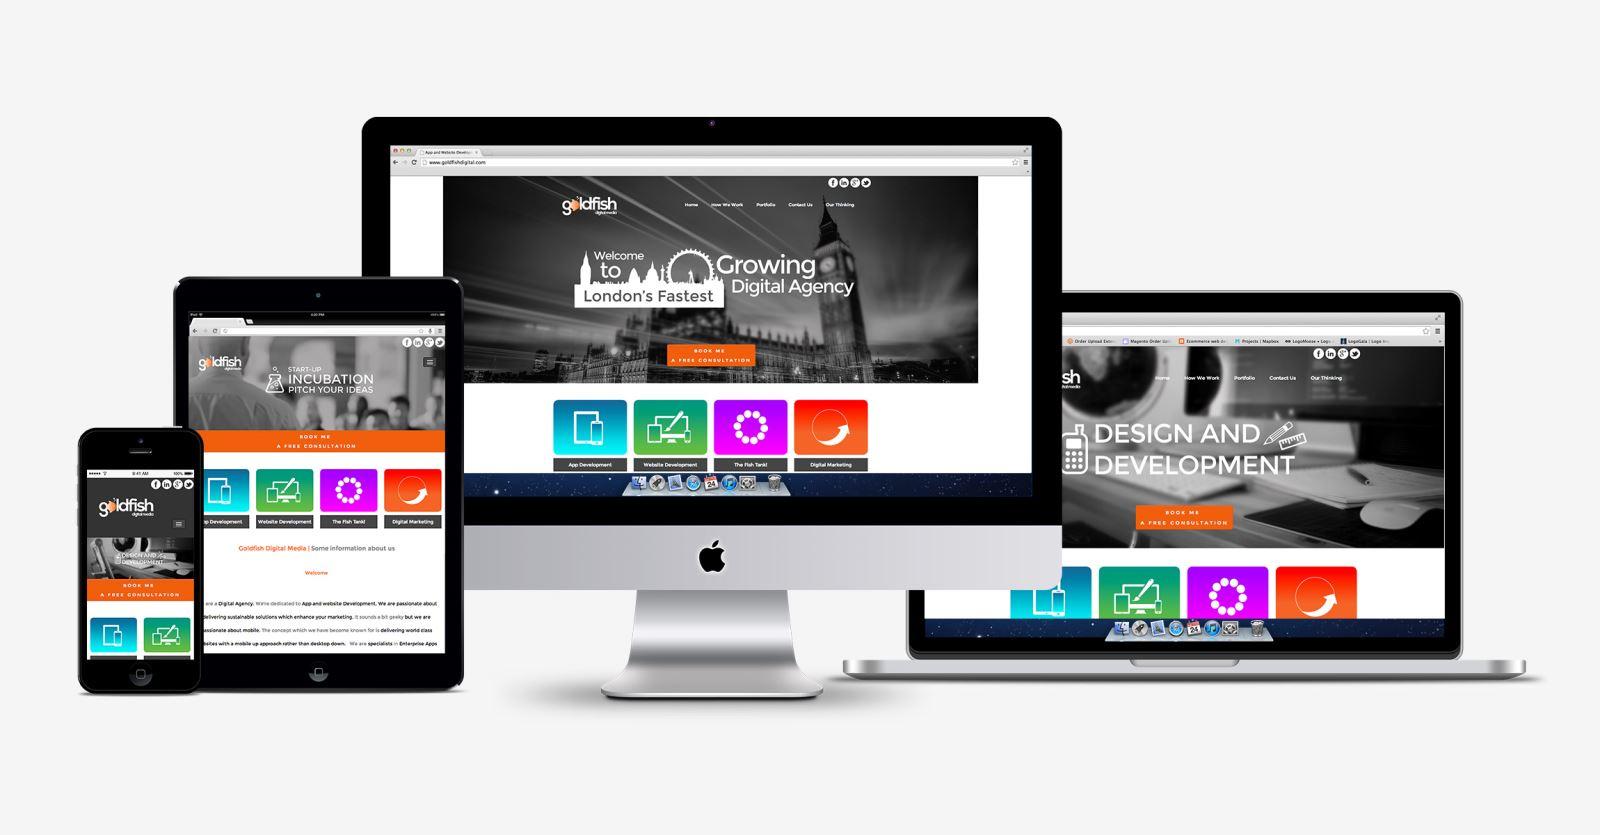 Bỏ túi 5 mẹo dọn dẹp để làm mới thiết kế website